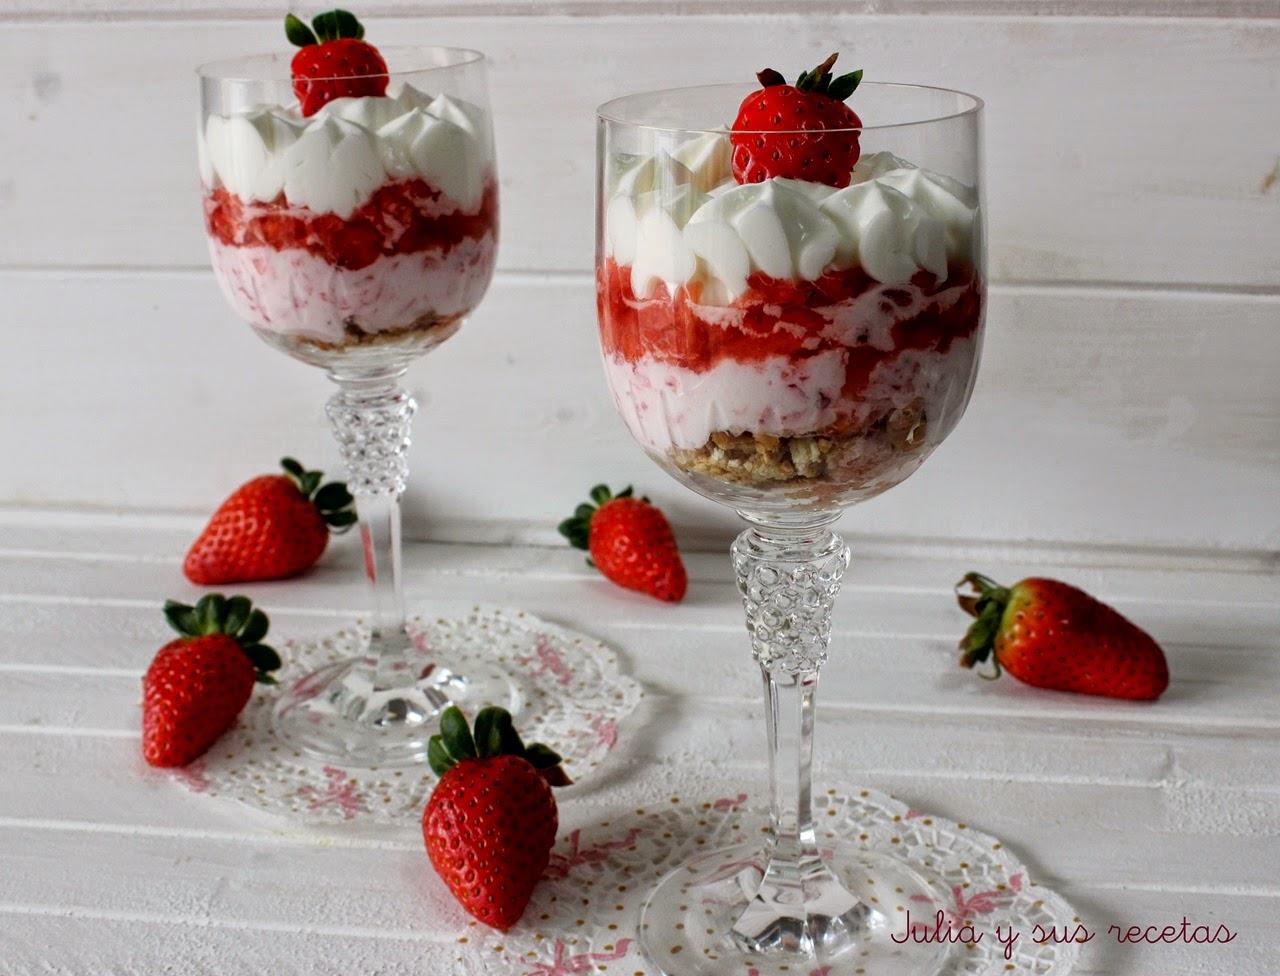 Trifle de fresas y crème fraîche. Julia y sus recetas